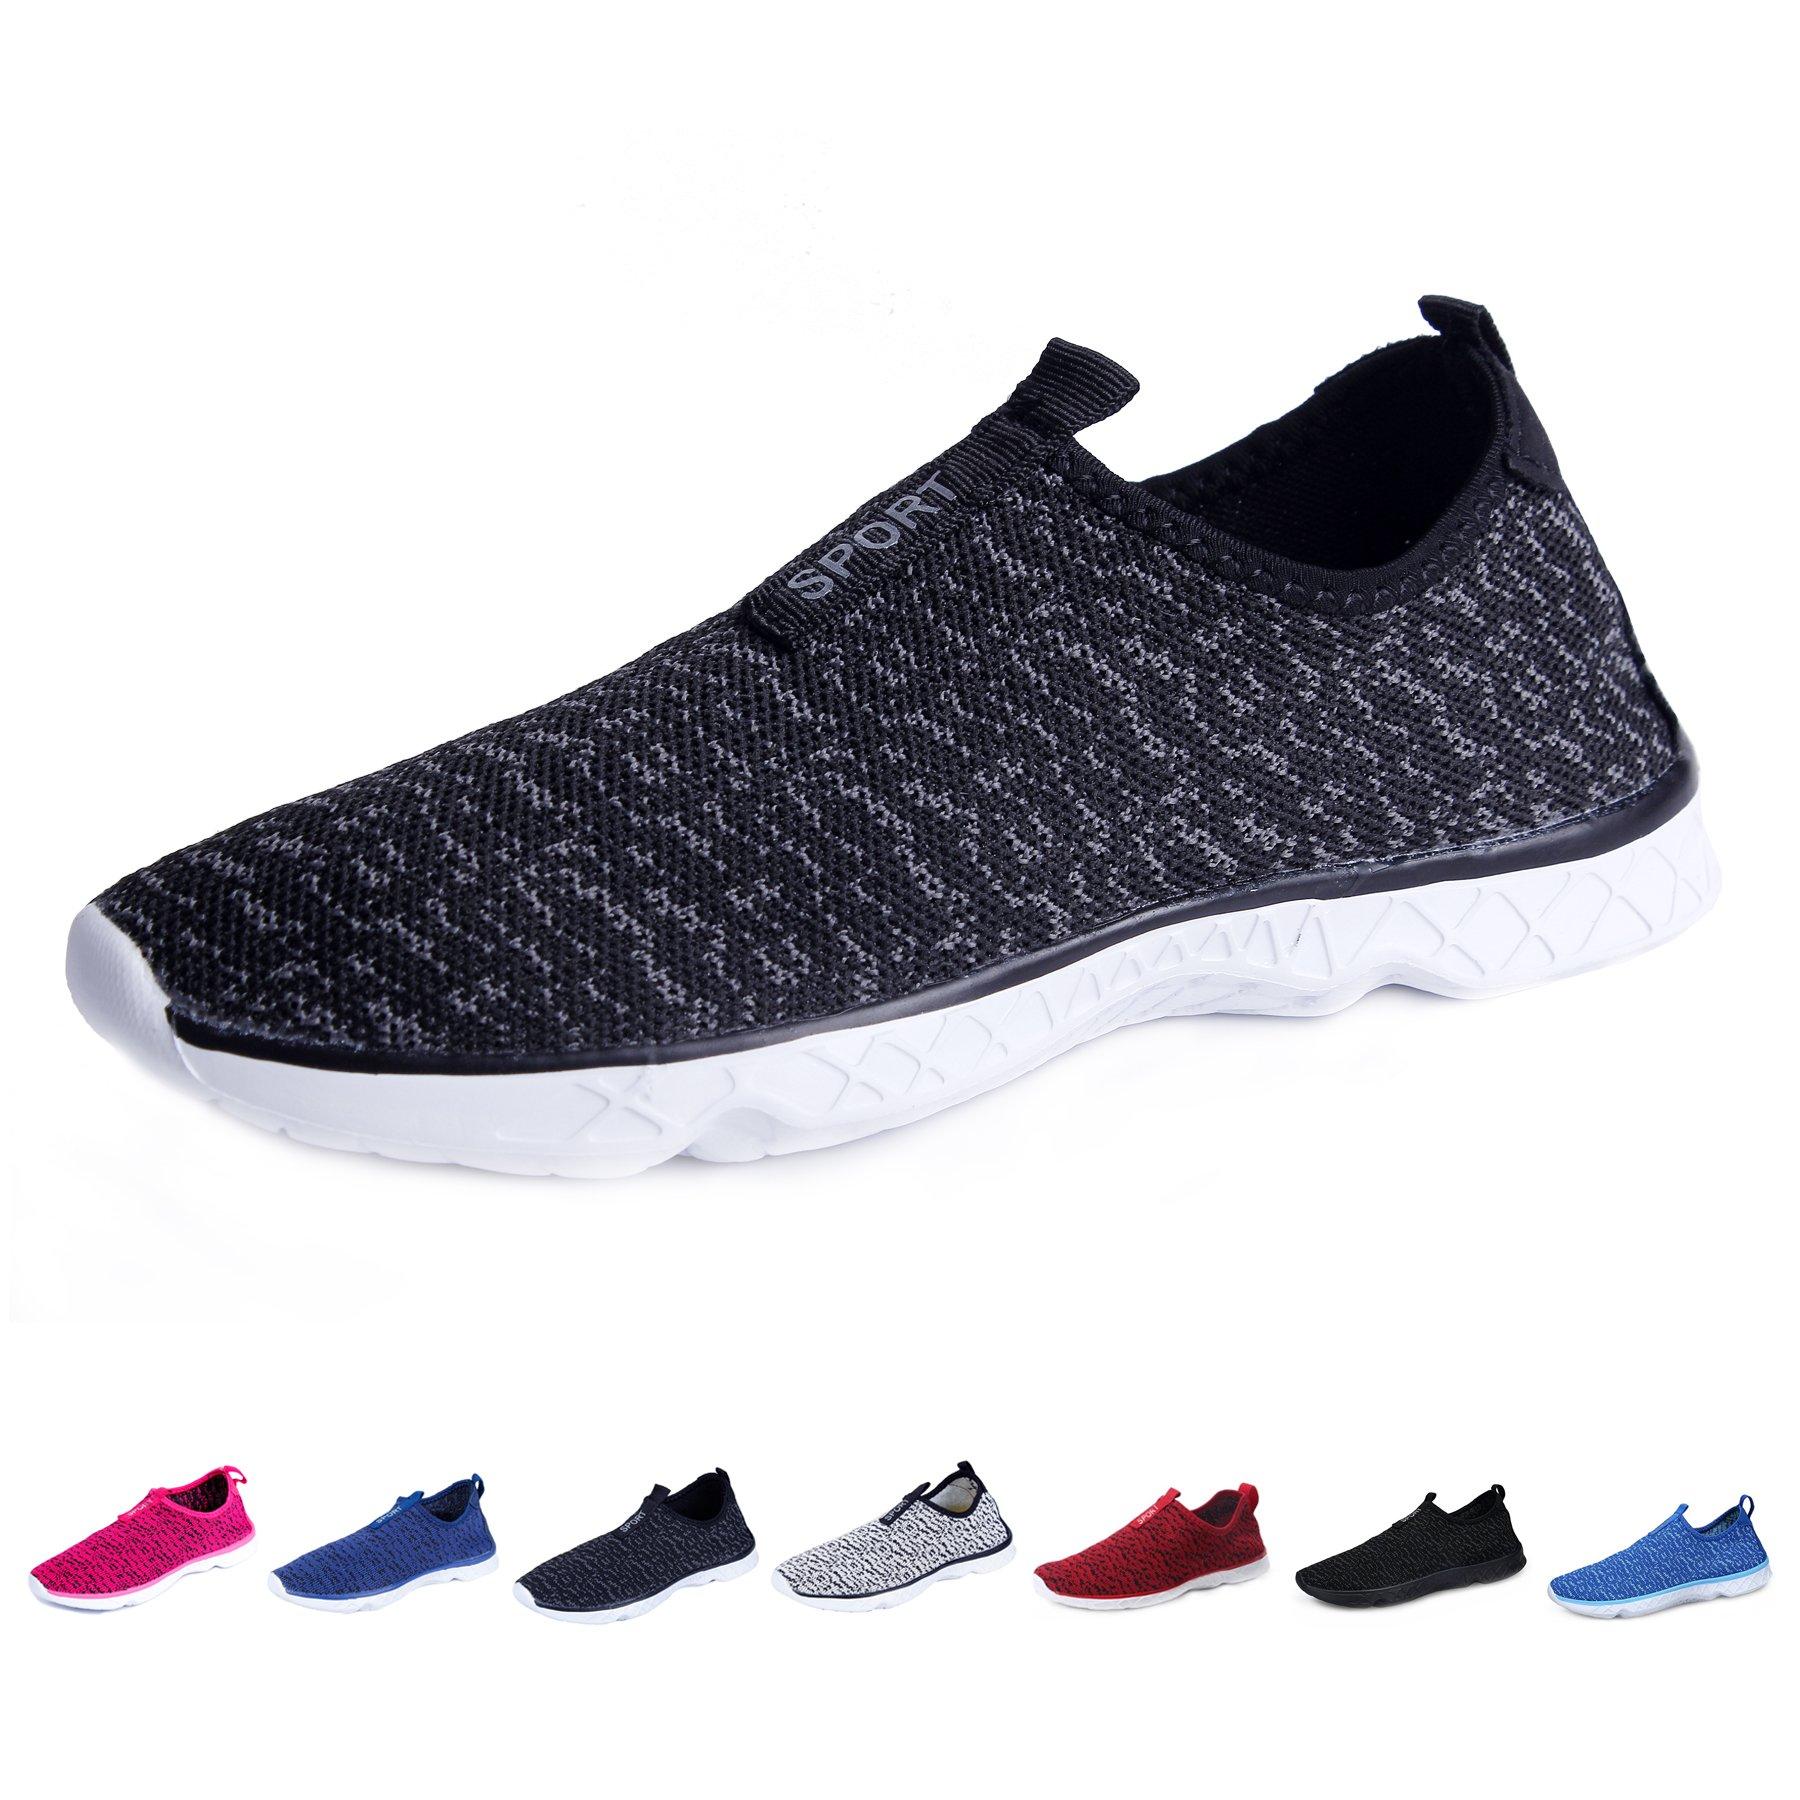 KEALUX Men Women Lightweight Water Shoes Walking Sneaker Quick-Dry Water Sport Barefoot Shoes(Black&Grey)-40